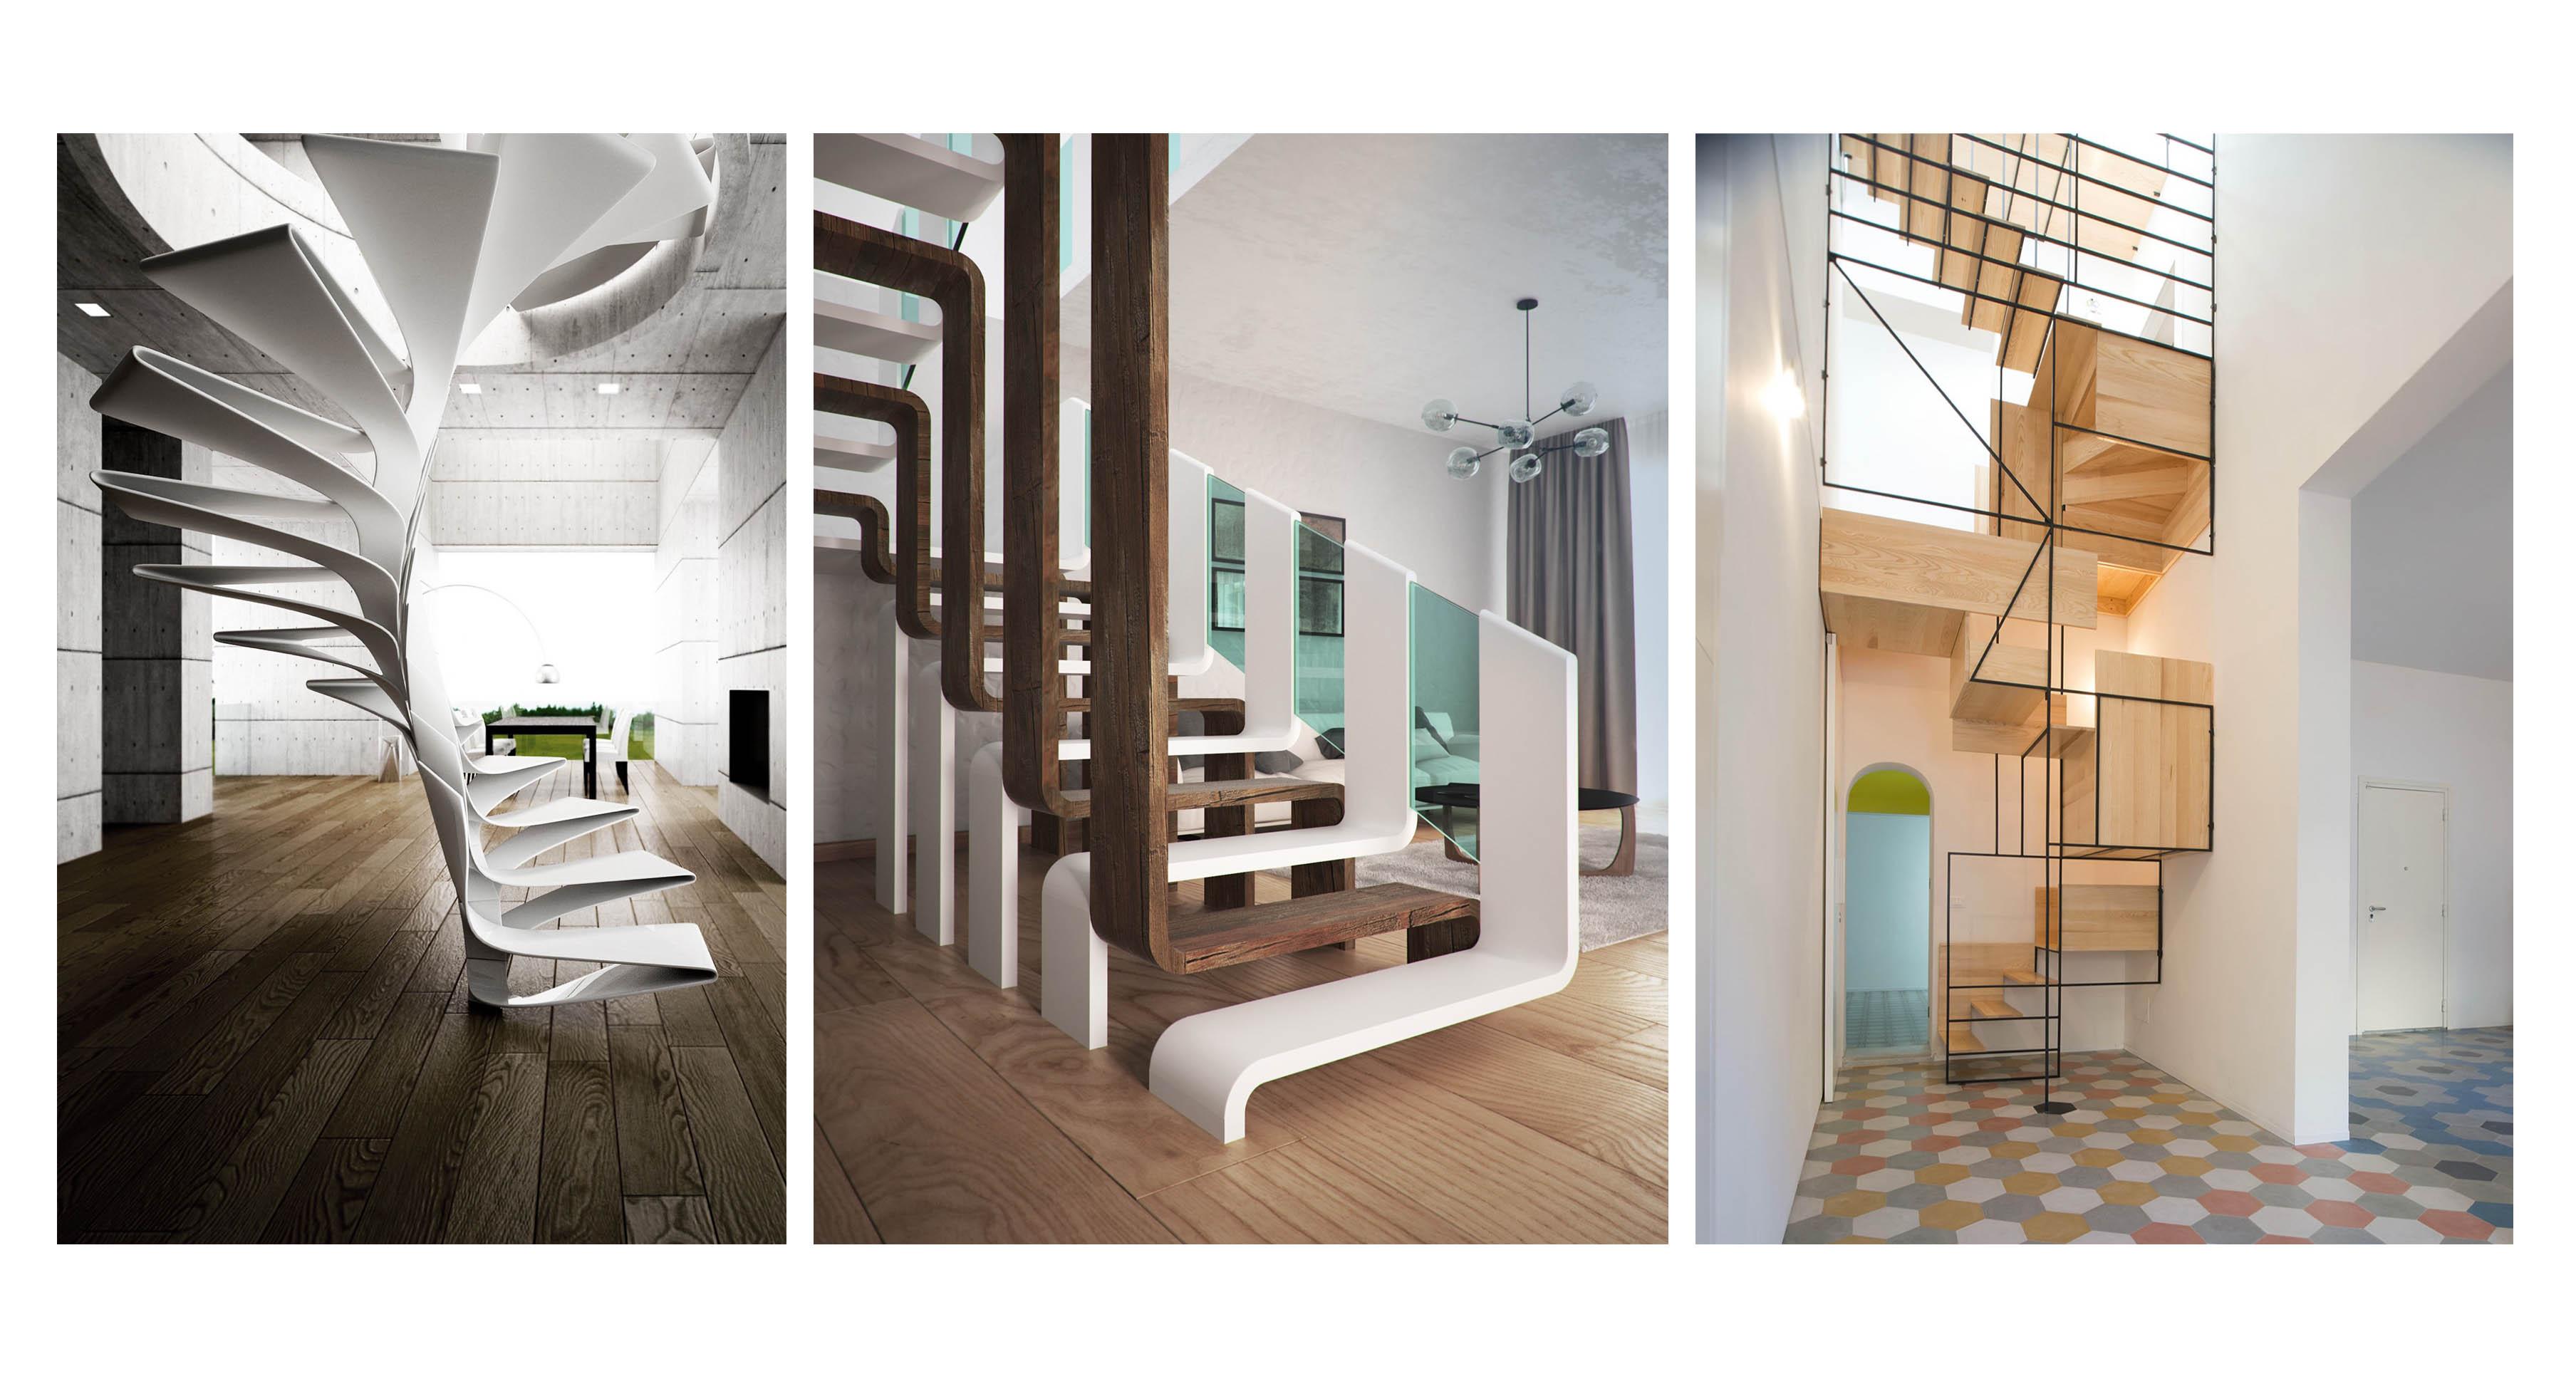 نگاهی به چند طراحی خلاقانه پله در فضای داخلی (بخش اول)